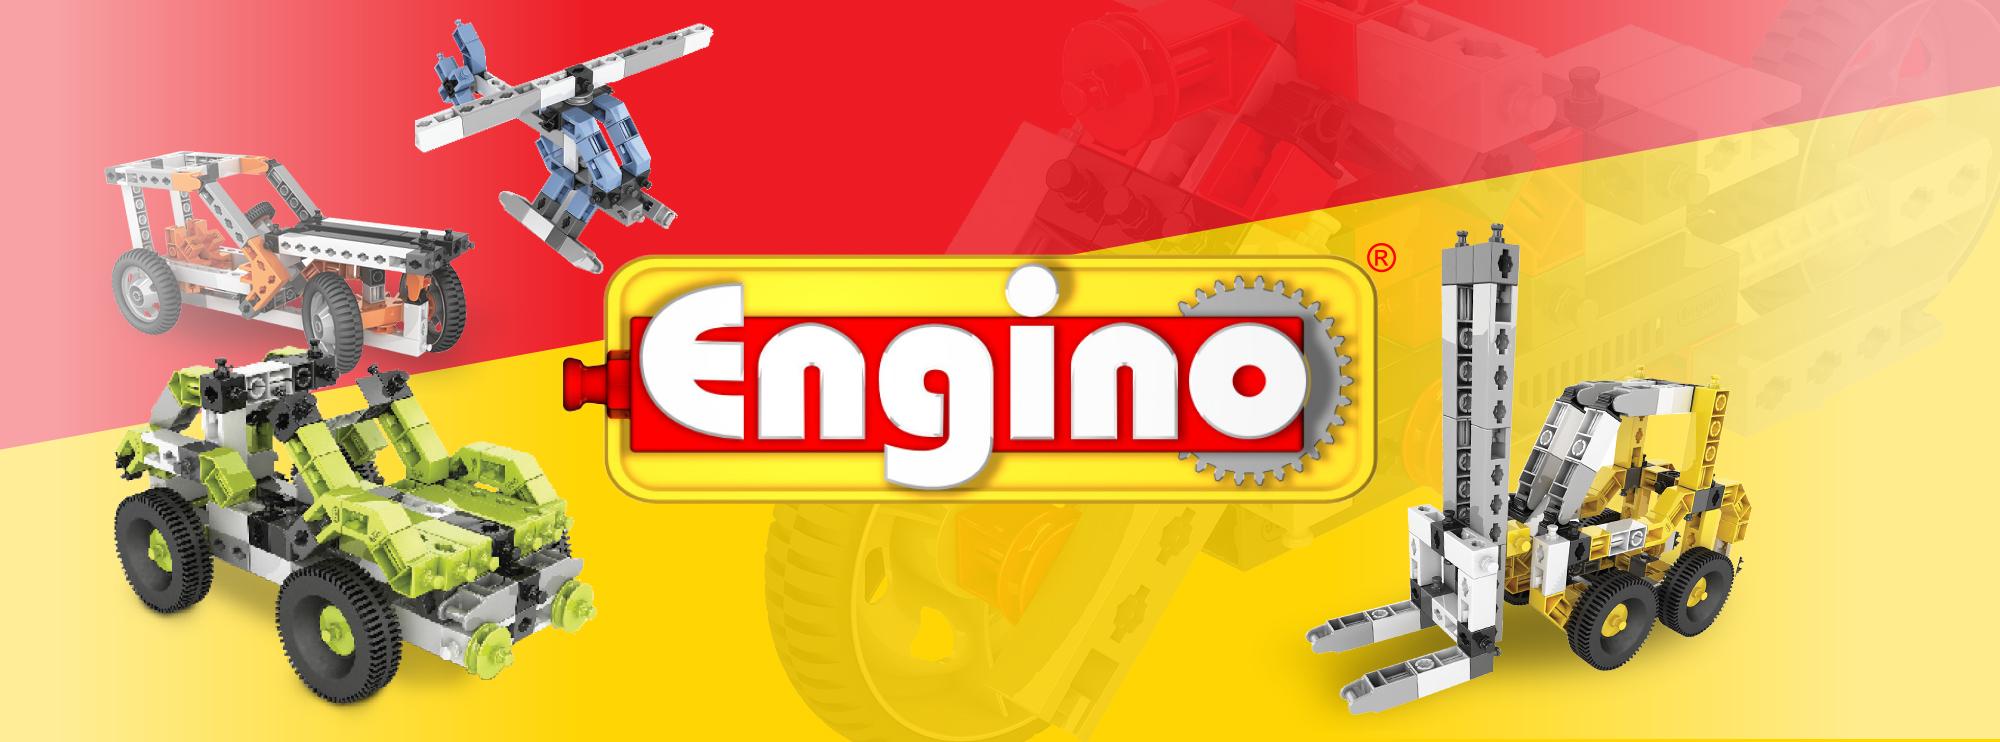 engino, מכוניות לילדים, תחפושות לבנות, יצירות, אולימפוס